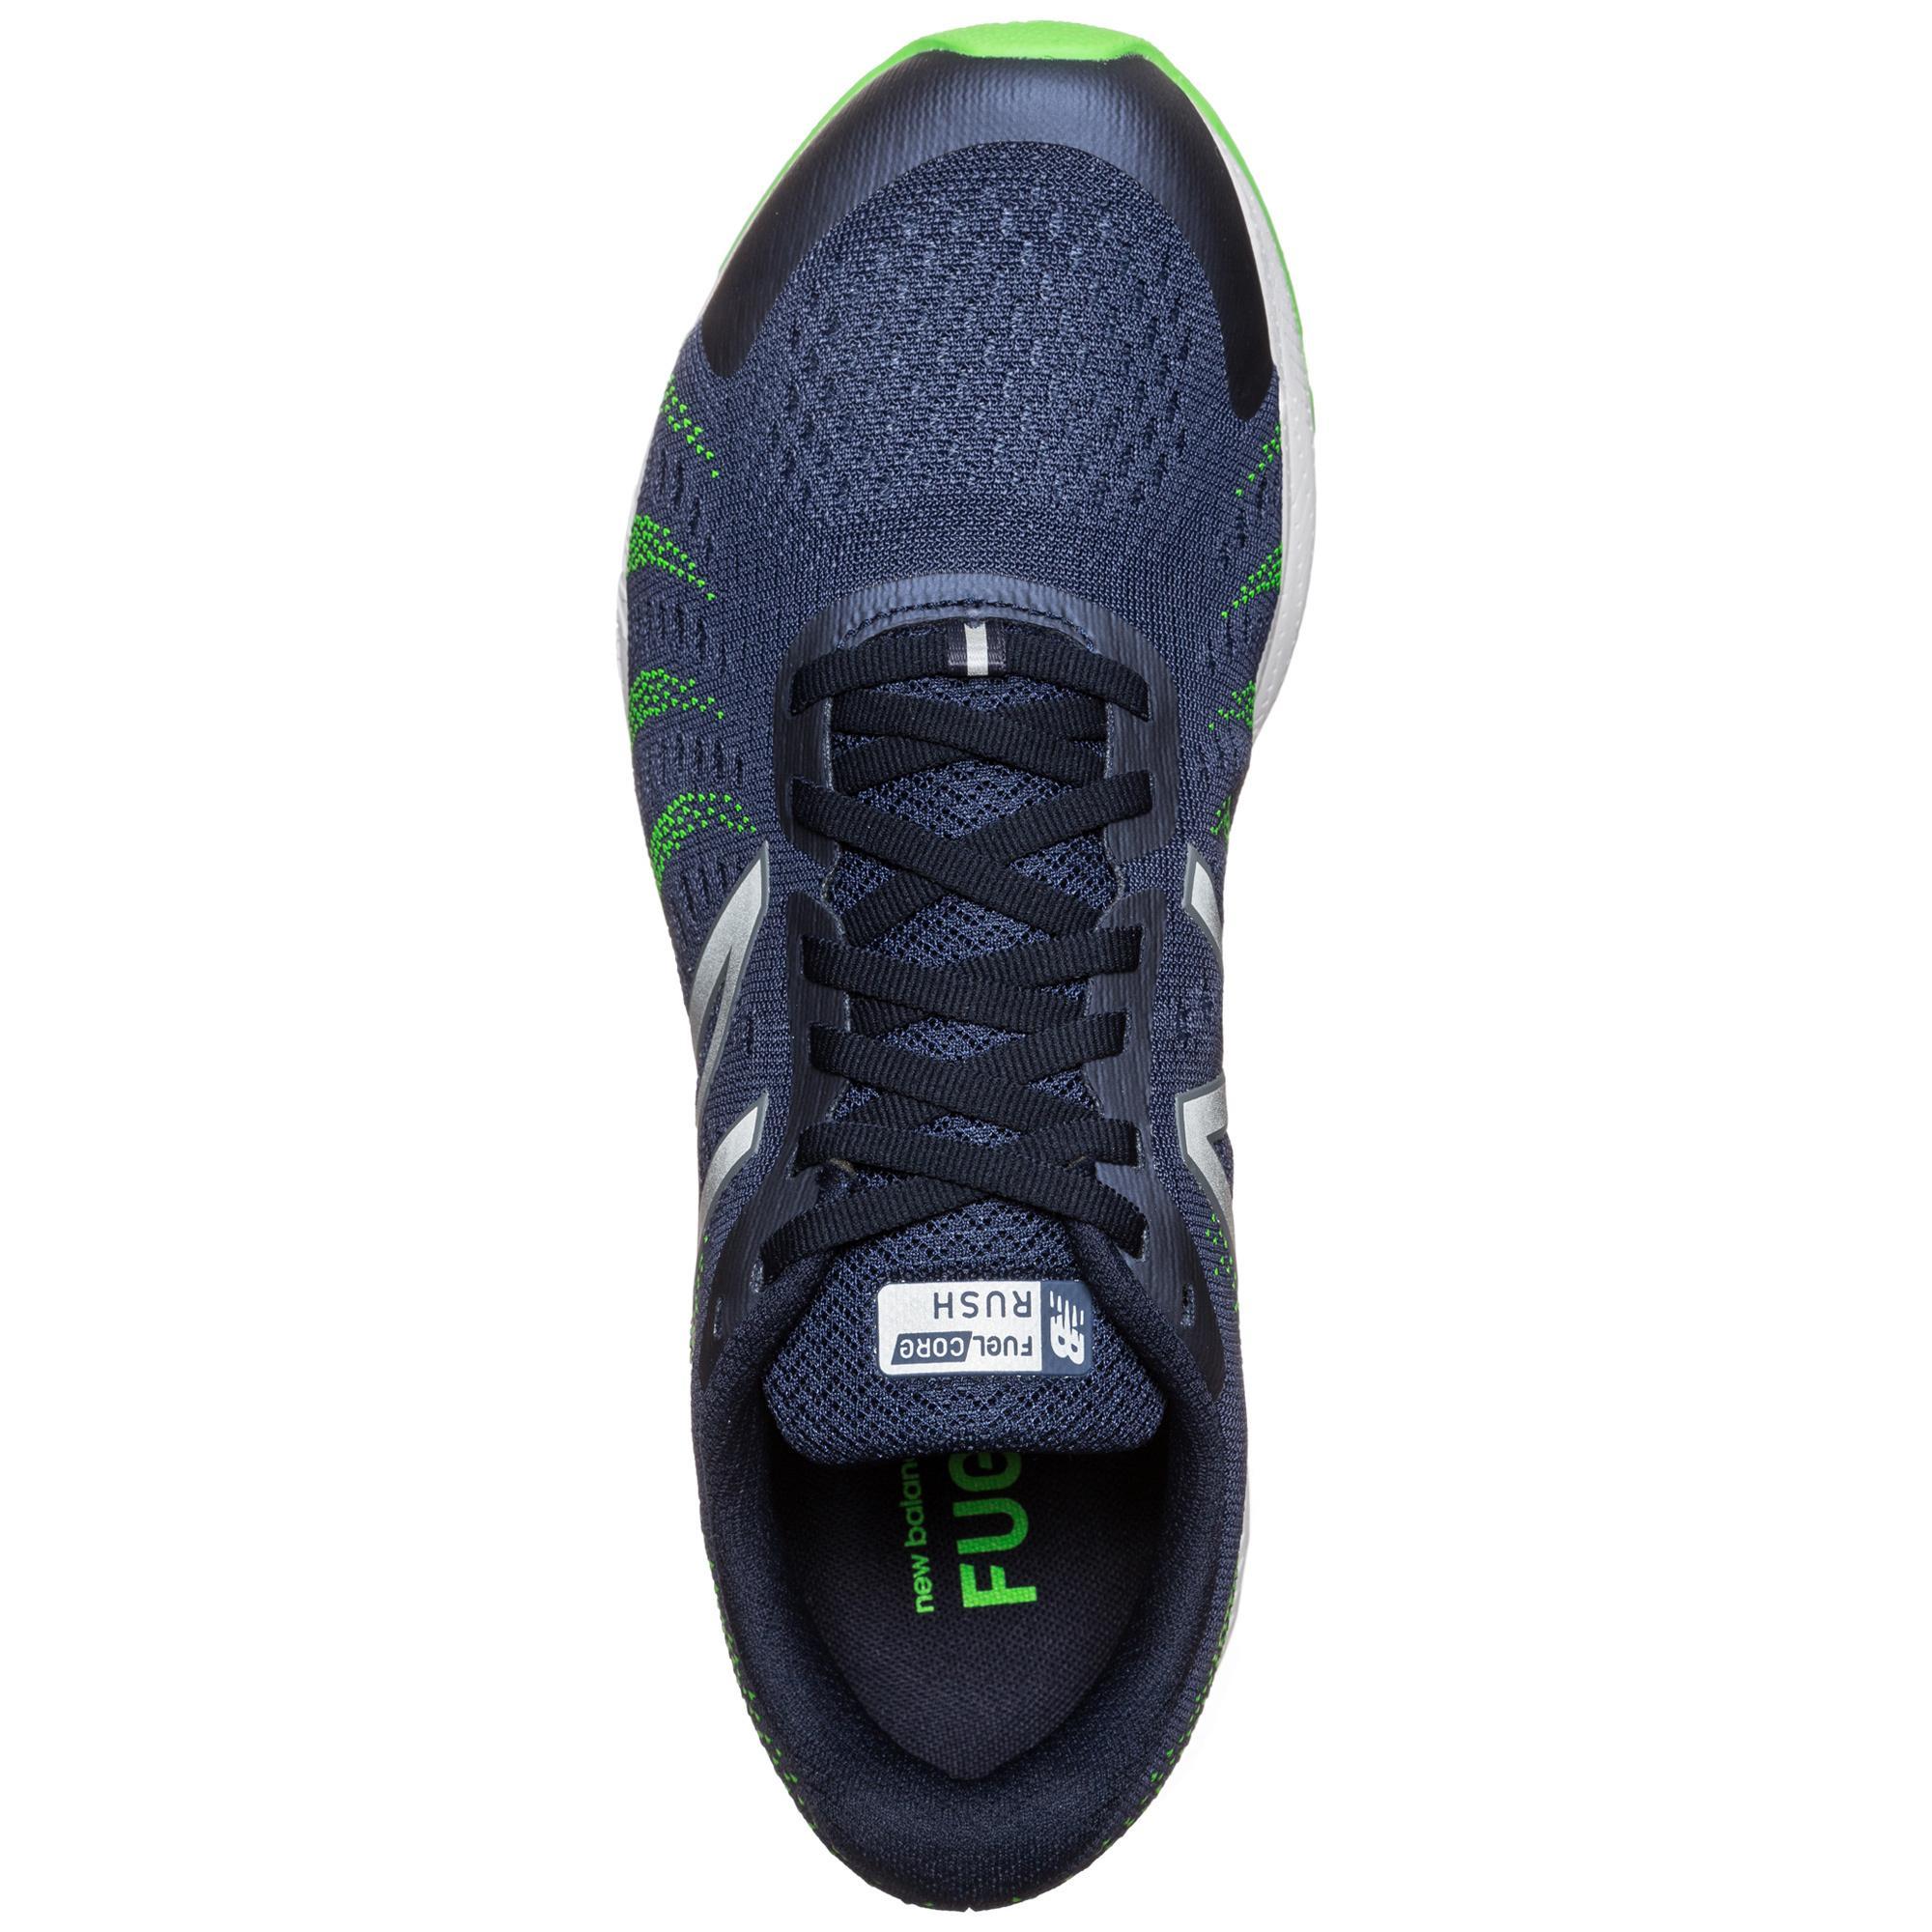 NEW BALANCE FuelCore Rush V3 Laufschuhe Herren Herren Laufschuhe dunkelblau / lime im Online Shop von SportScheck kaufen Gute Qualität beliebte Schuhe 1abceb